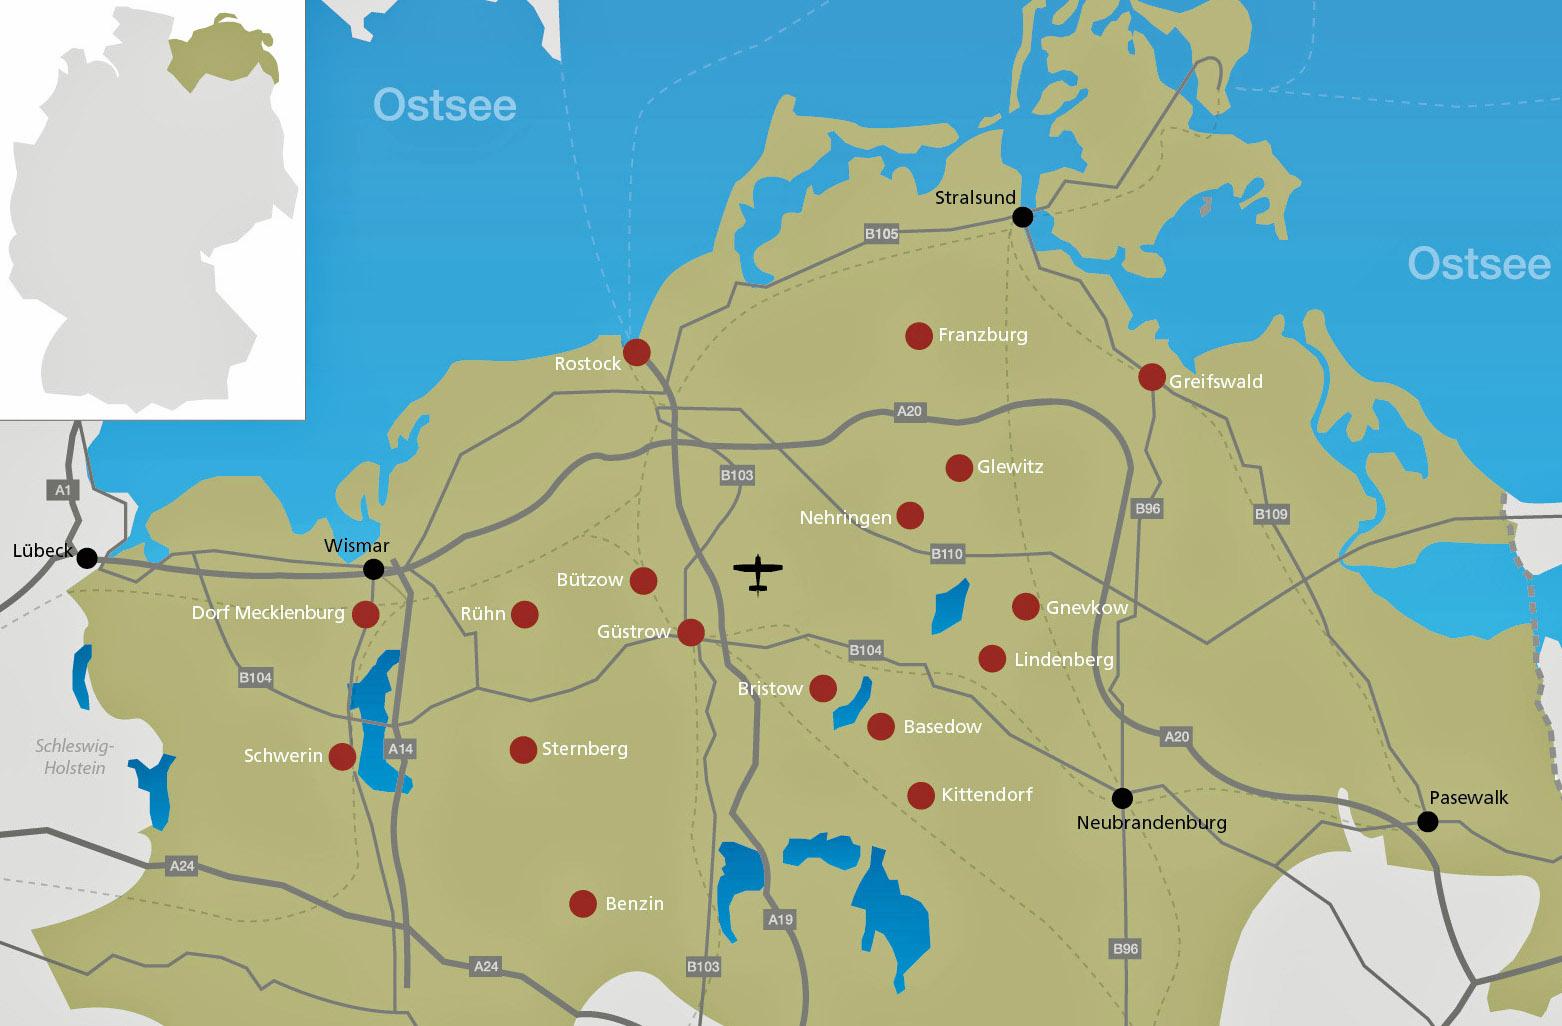 Karte Mv Kostenlos.Wege Protestantischer Kirchraumgestaltung